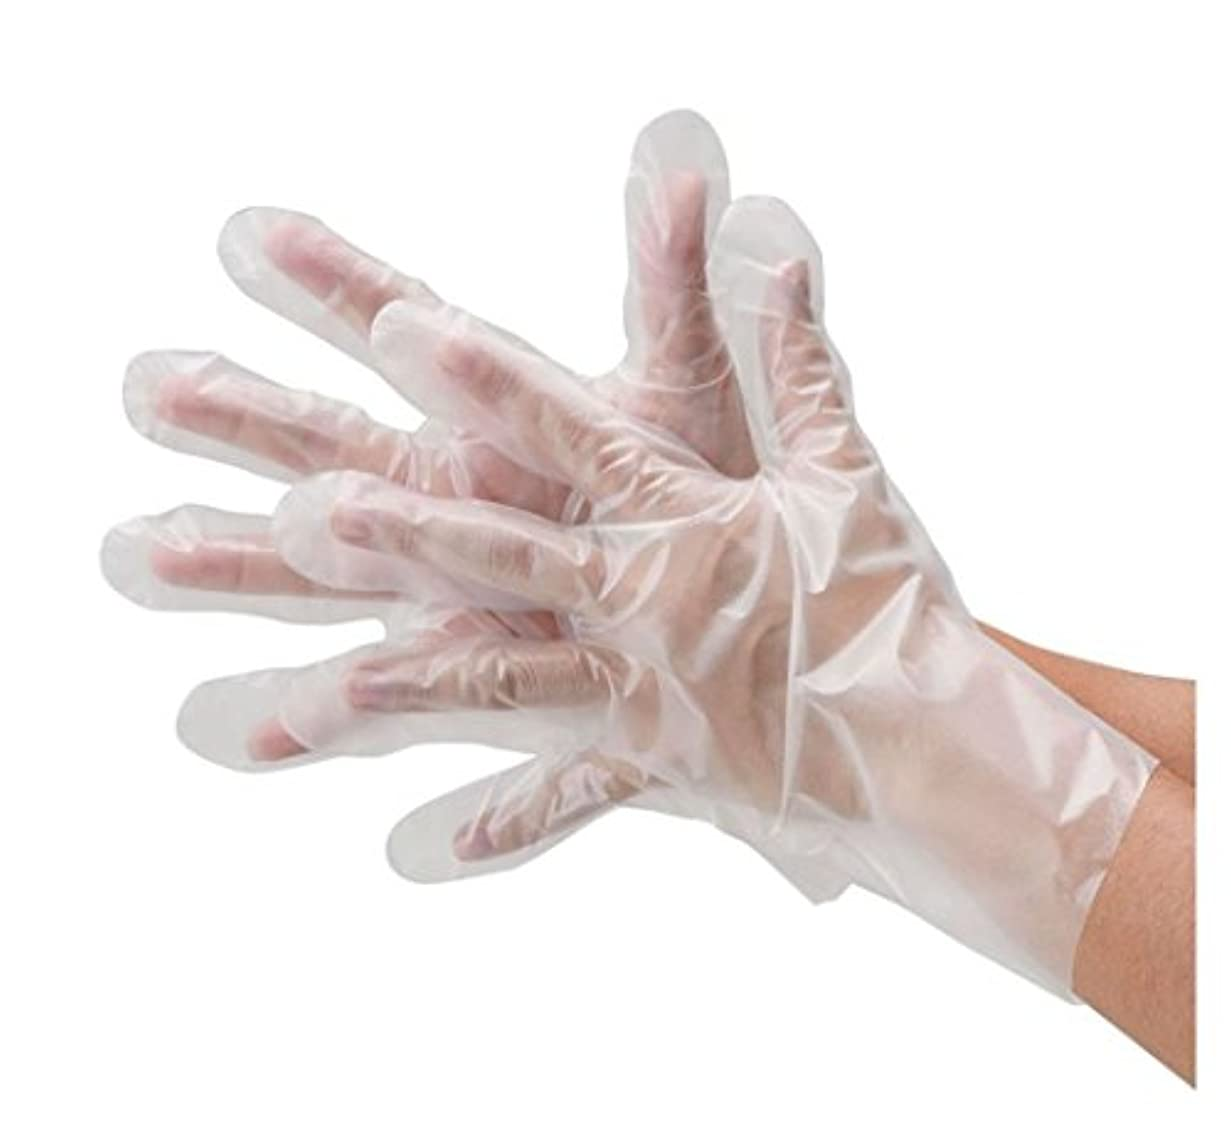 ヒット警告する建てる川西工業 ポリエチレン手袋 フィットタイプ 外エンボス 100枚入 #2014 クリア L